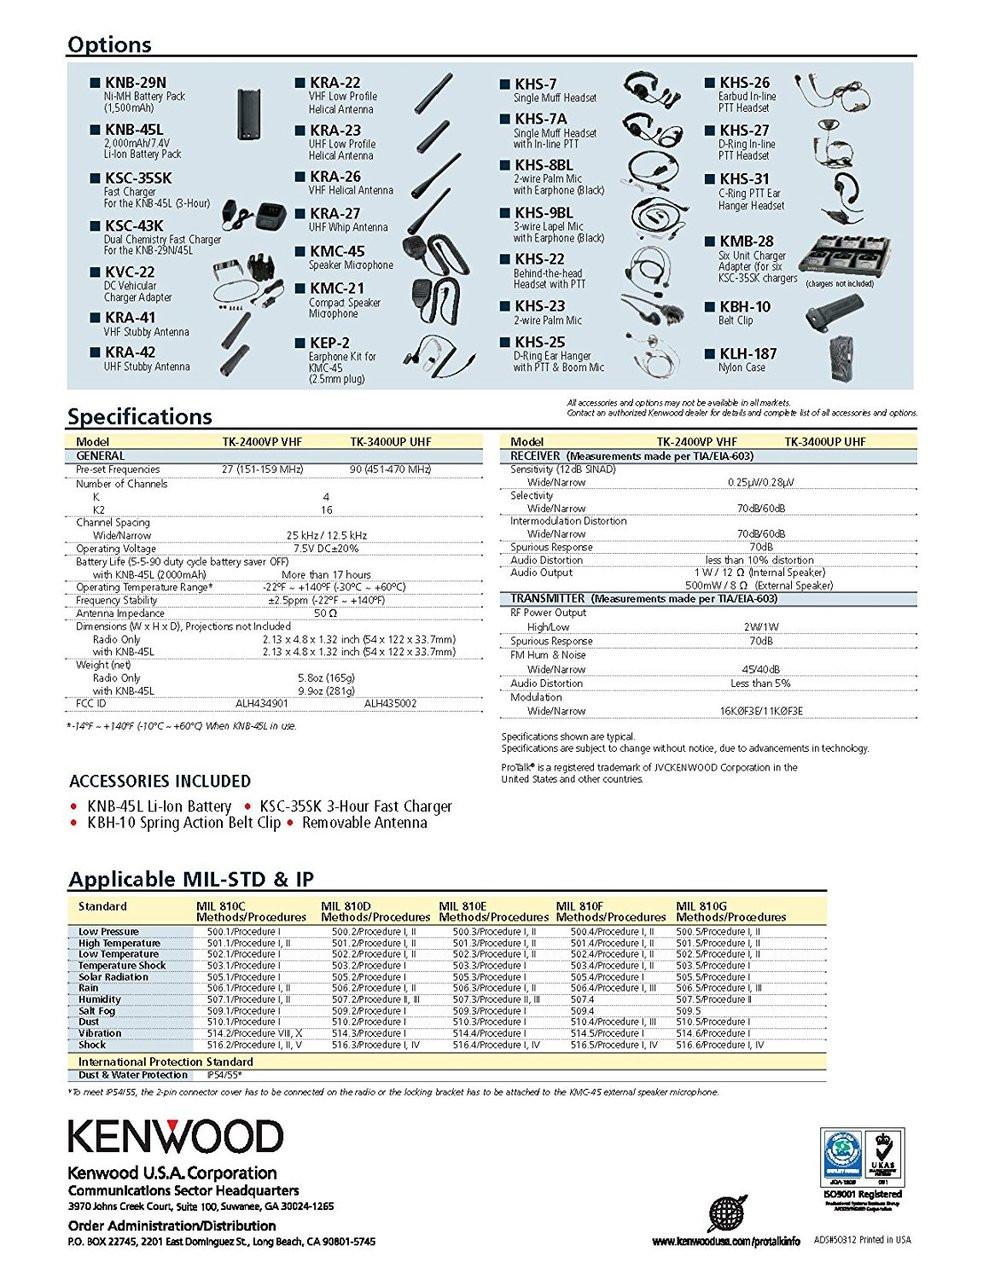 Kenwood ProTalk TK-3400 Spec Sheet Page 2